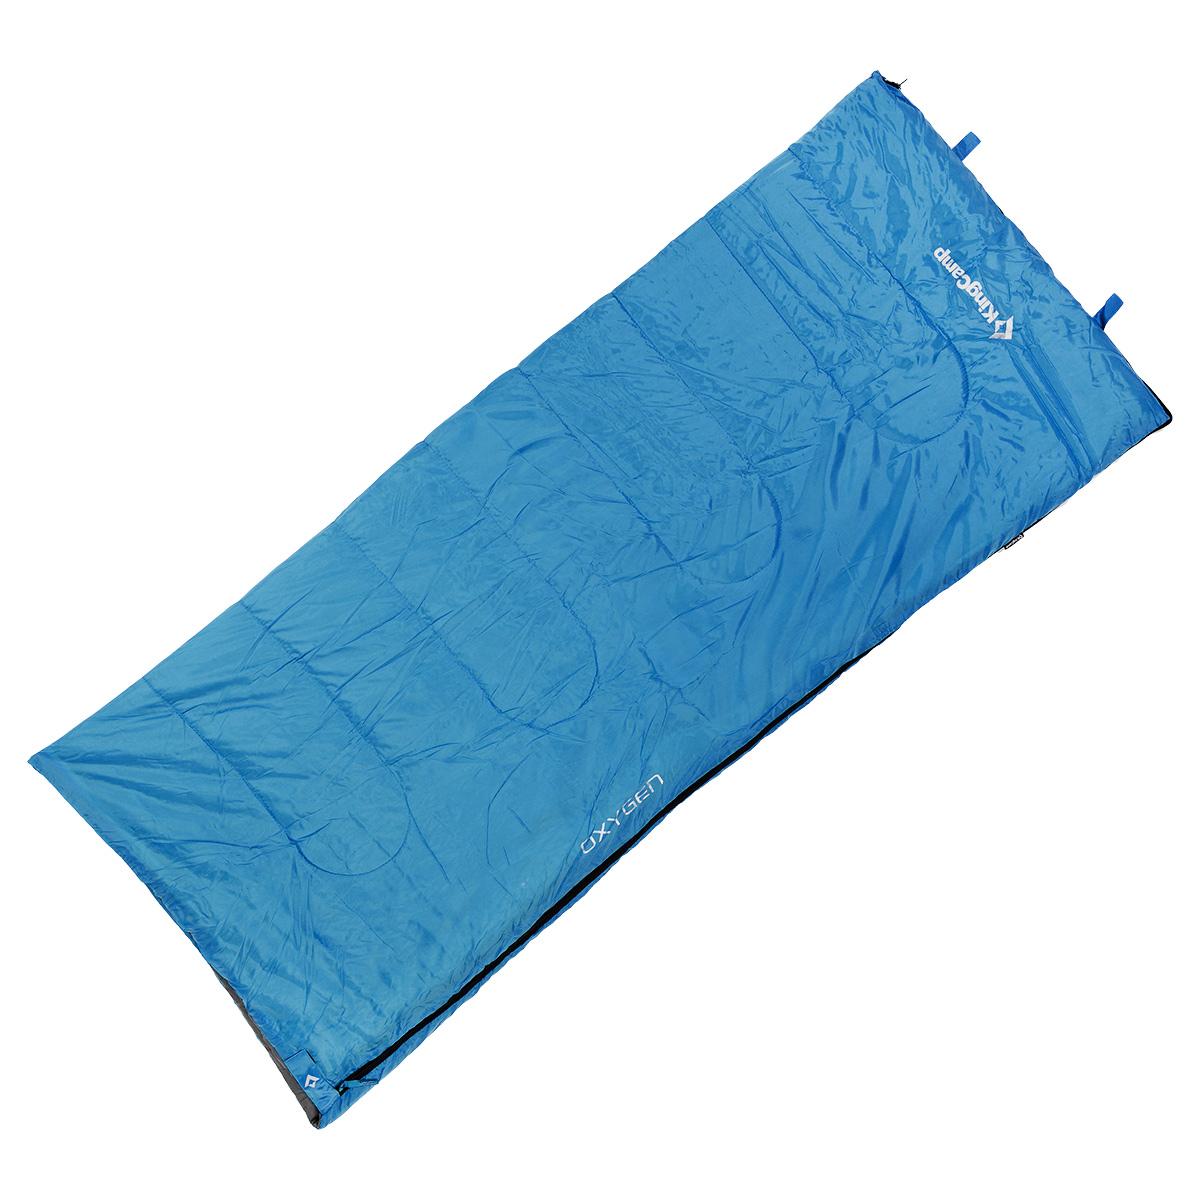 Спальный мешок-одеяло KingCamp Oxygen, цвет: синий, 180 см х 75 смУТ-000050442Спальный мешок-одеяло KingCamp Oxygen предусмотрен для теплого времени года, так как рассчитан на температуру от +8°C до +18°С. Спальный мешок имеет двустороннюю застежку-молнию, оснащен удобным нейлоновым компрессионным мешком для переноски. В сложенном виде спальный мешок занимает очень мало места и весит совсем немного. Отлично подходит для летних походов, кемпинга, треккинга и велотуризма. Вес: 920 г.